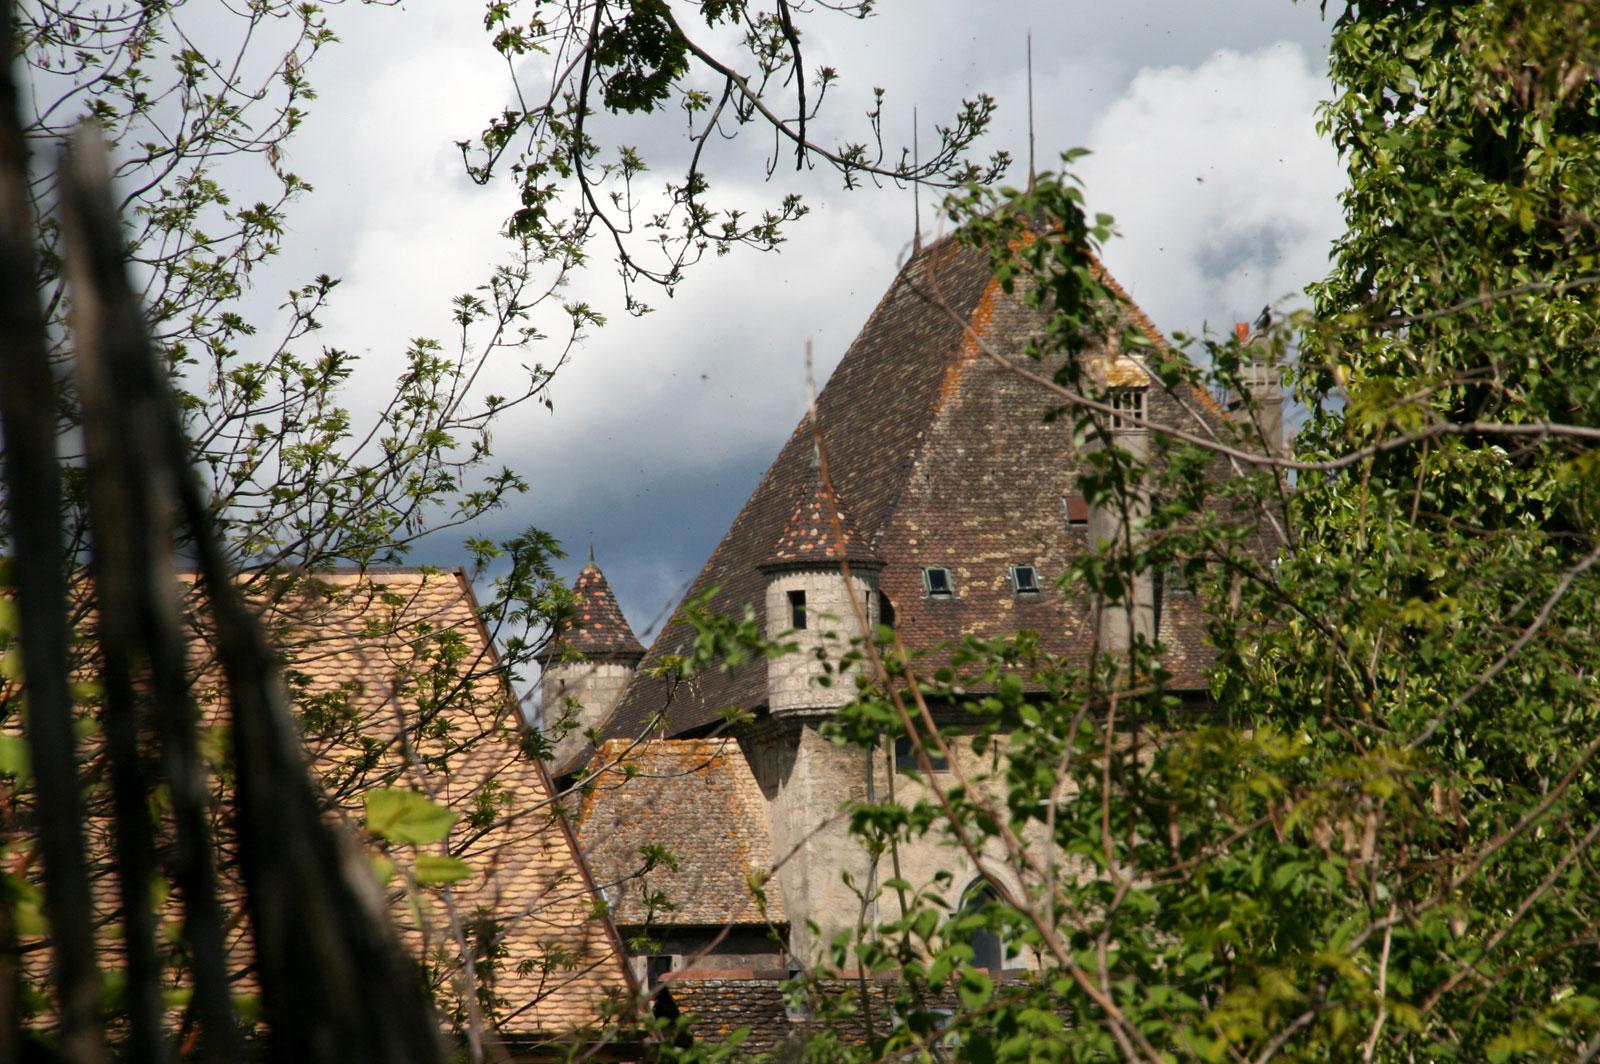 Le toit du château d'Yvoire en allant à Rovorée.